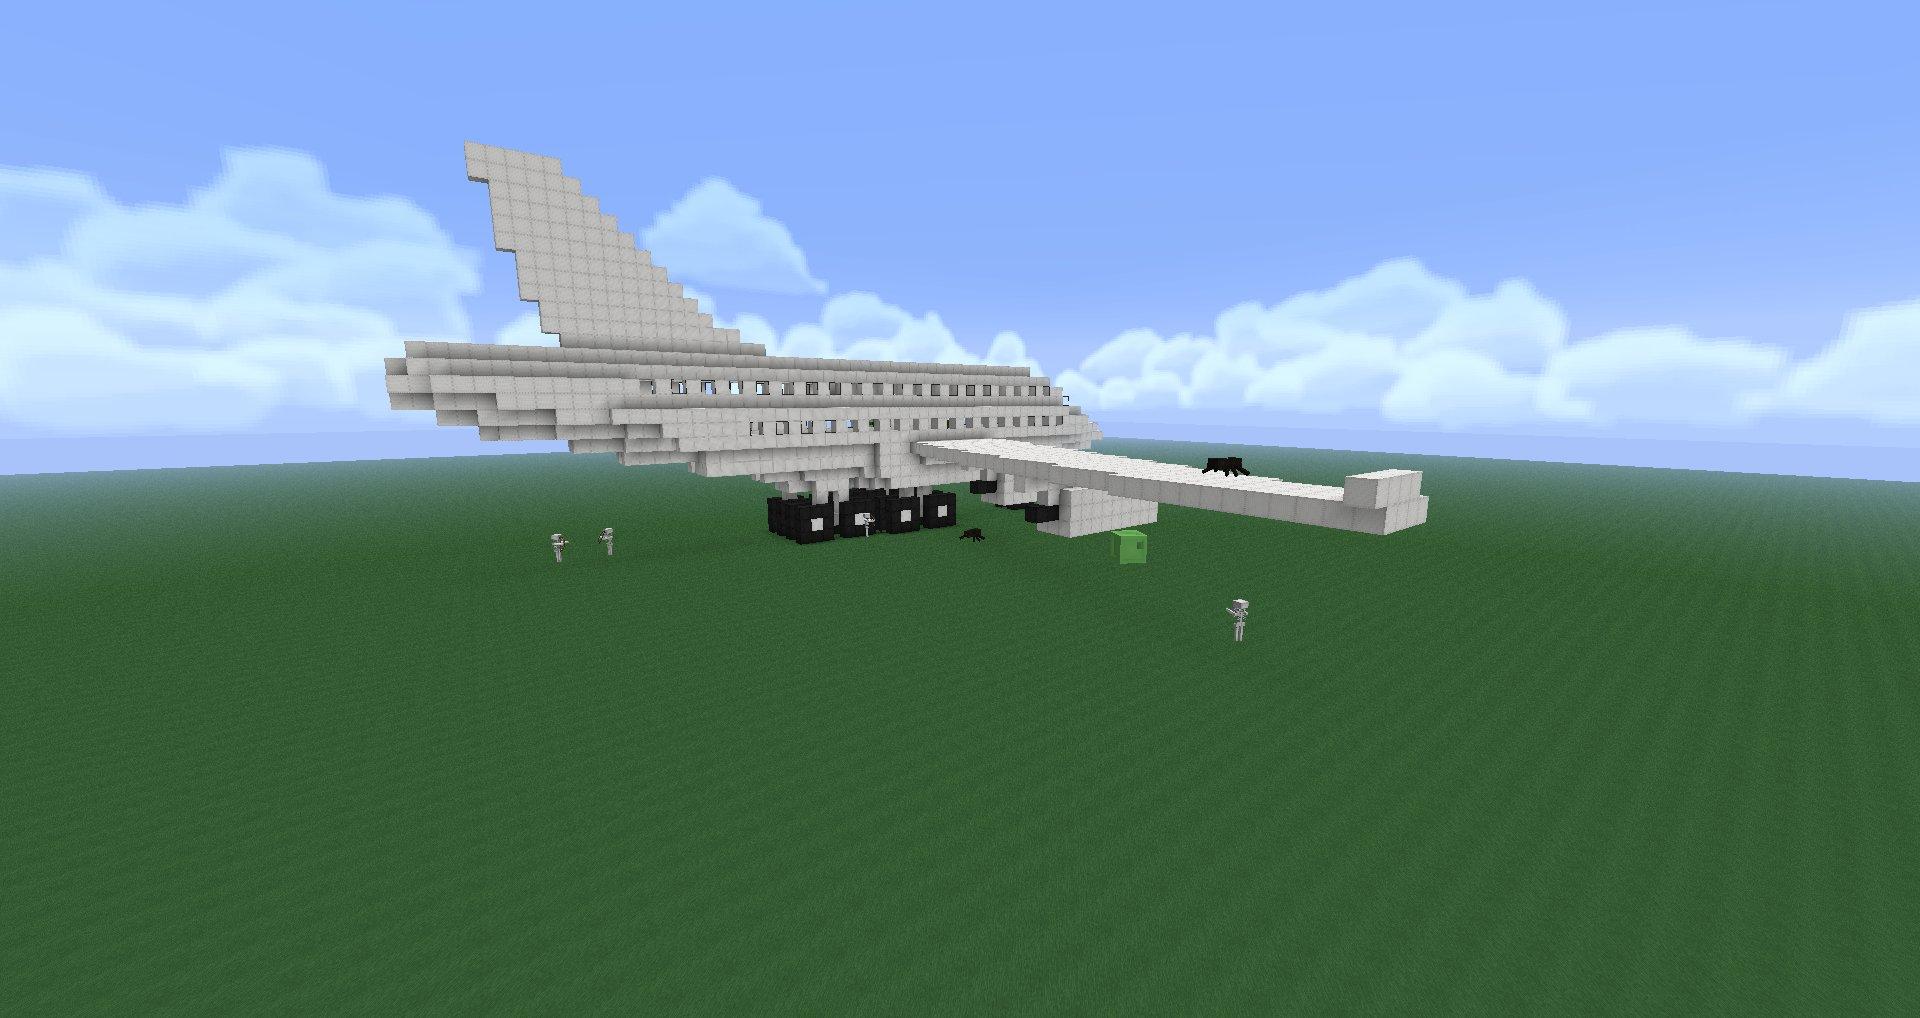 [PROJET] Aéroport International de Rodwin. - Page 2 06297227-299a-41d8-9ac3-268caa60d086